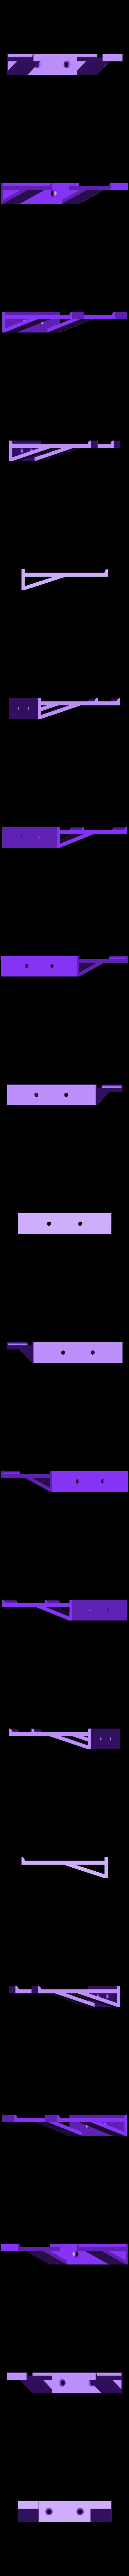 Remote control wall mount.stl Télécharger fichier STL gratuit Support mural pour télécommande • Modèle pour impression 3D, DB46